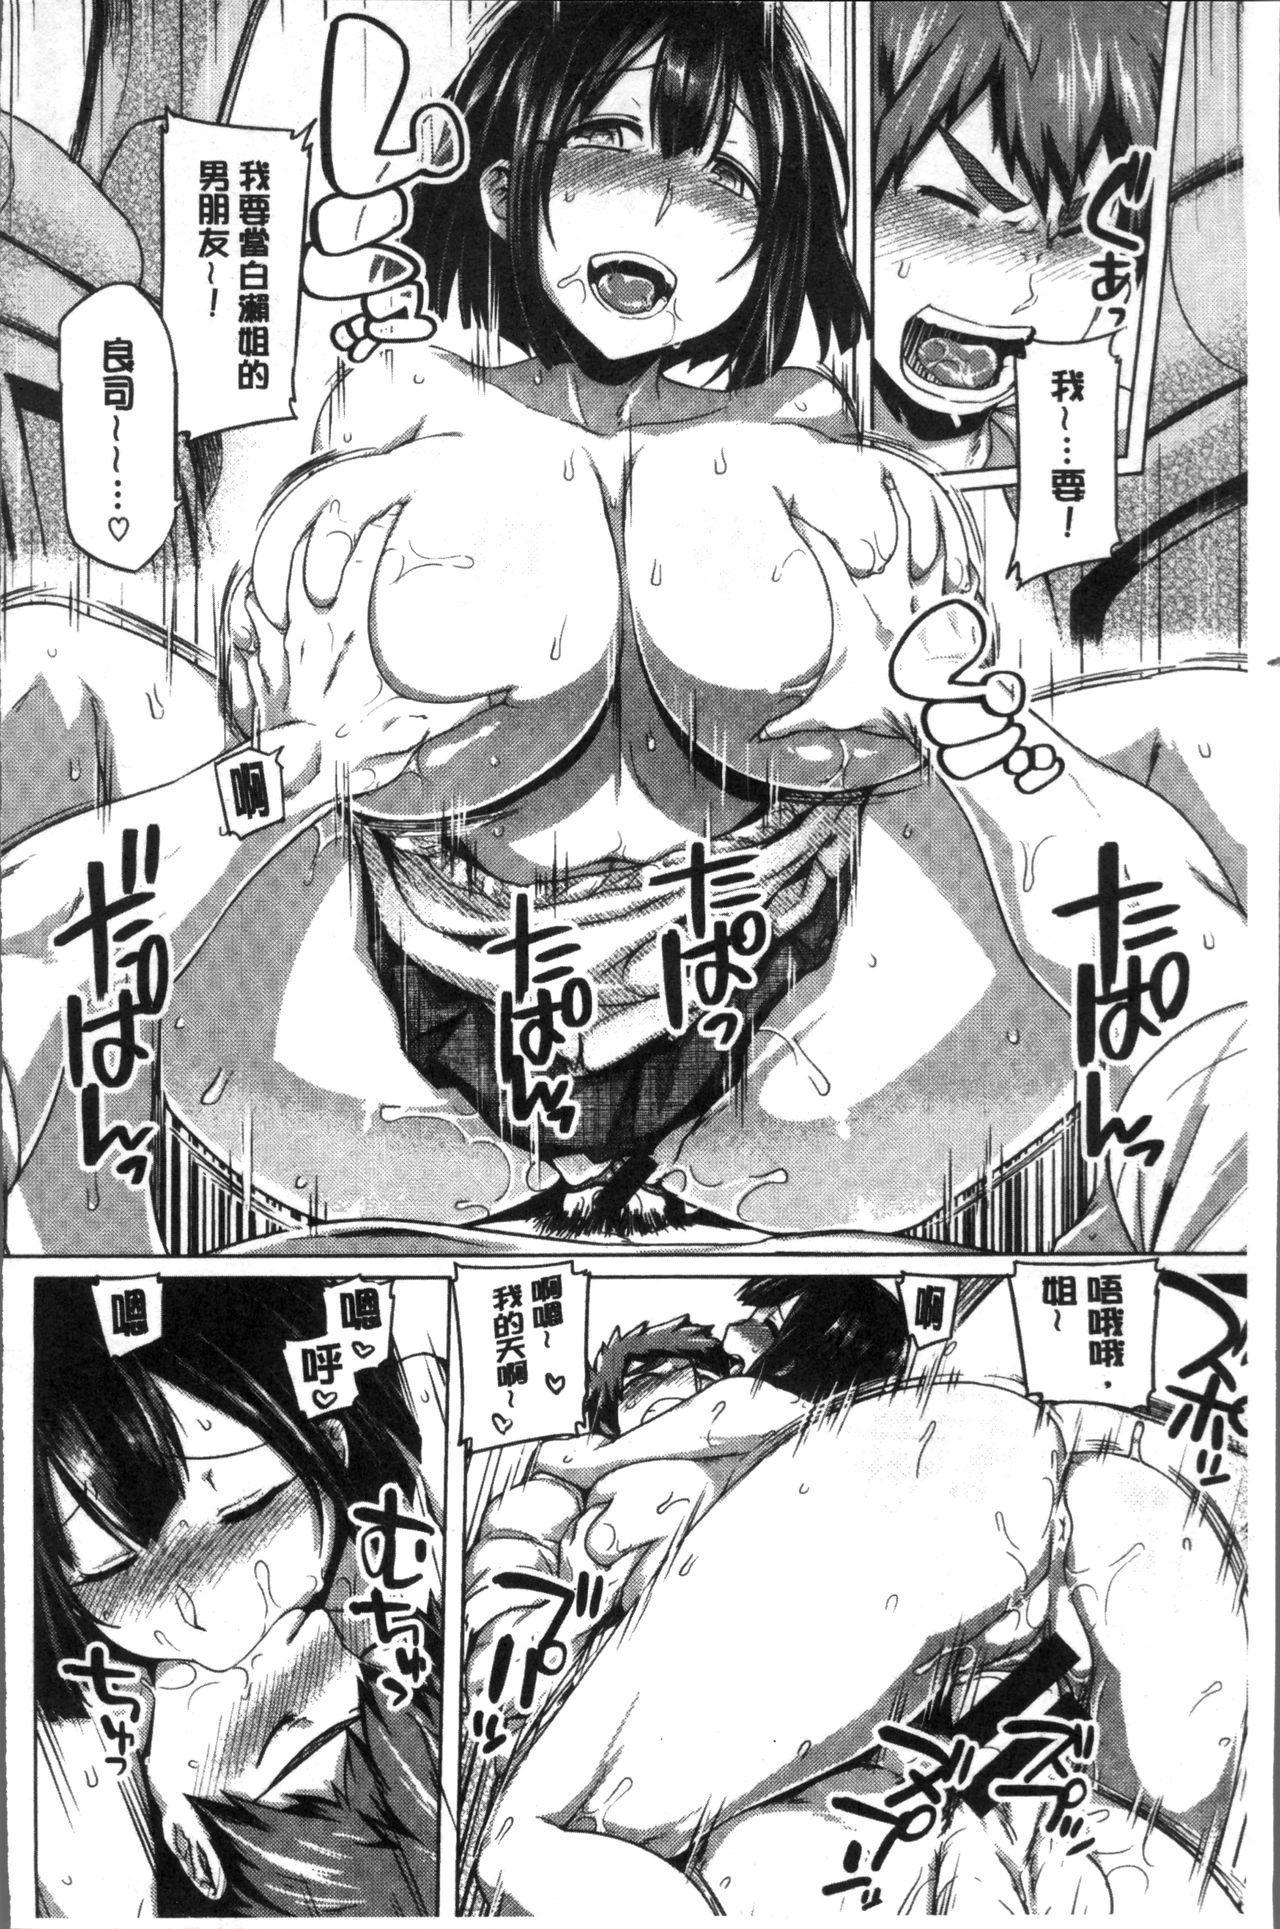 Chichi Shiri Futomomo | 柔乳嫩尻性感美腿 71